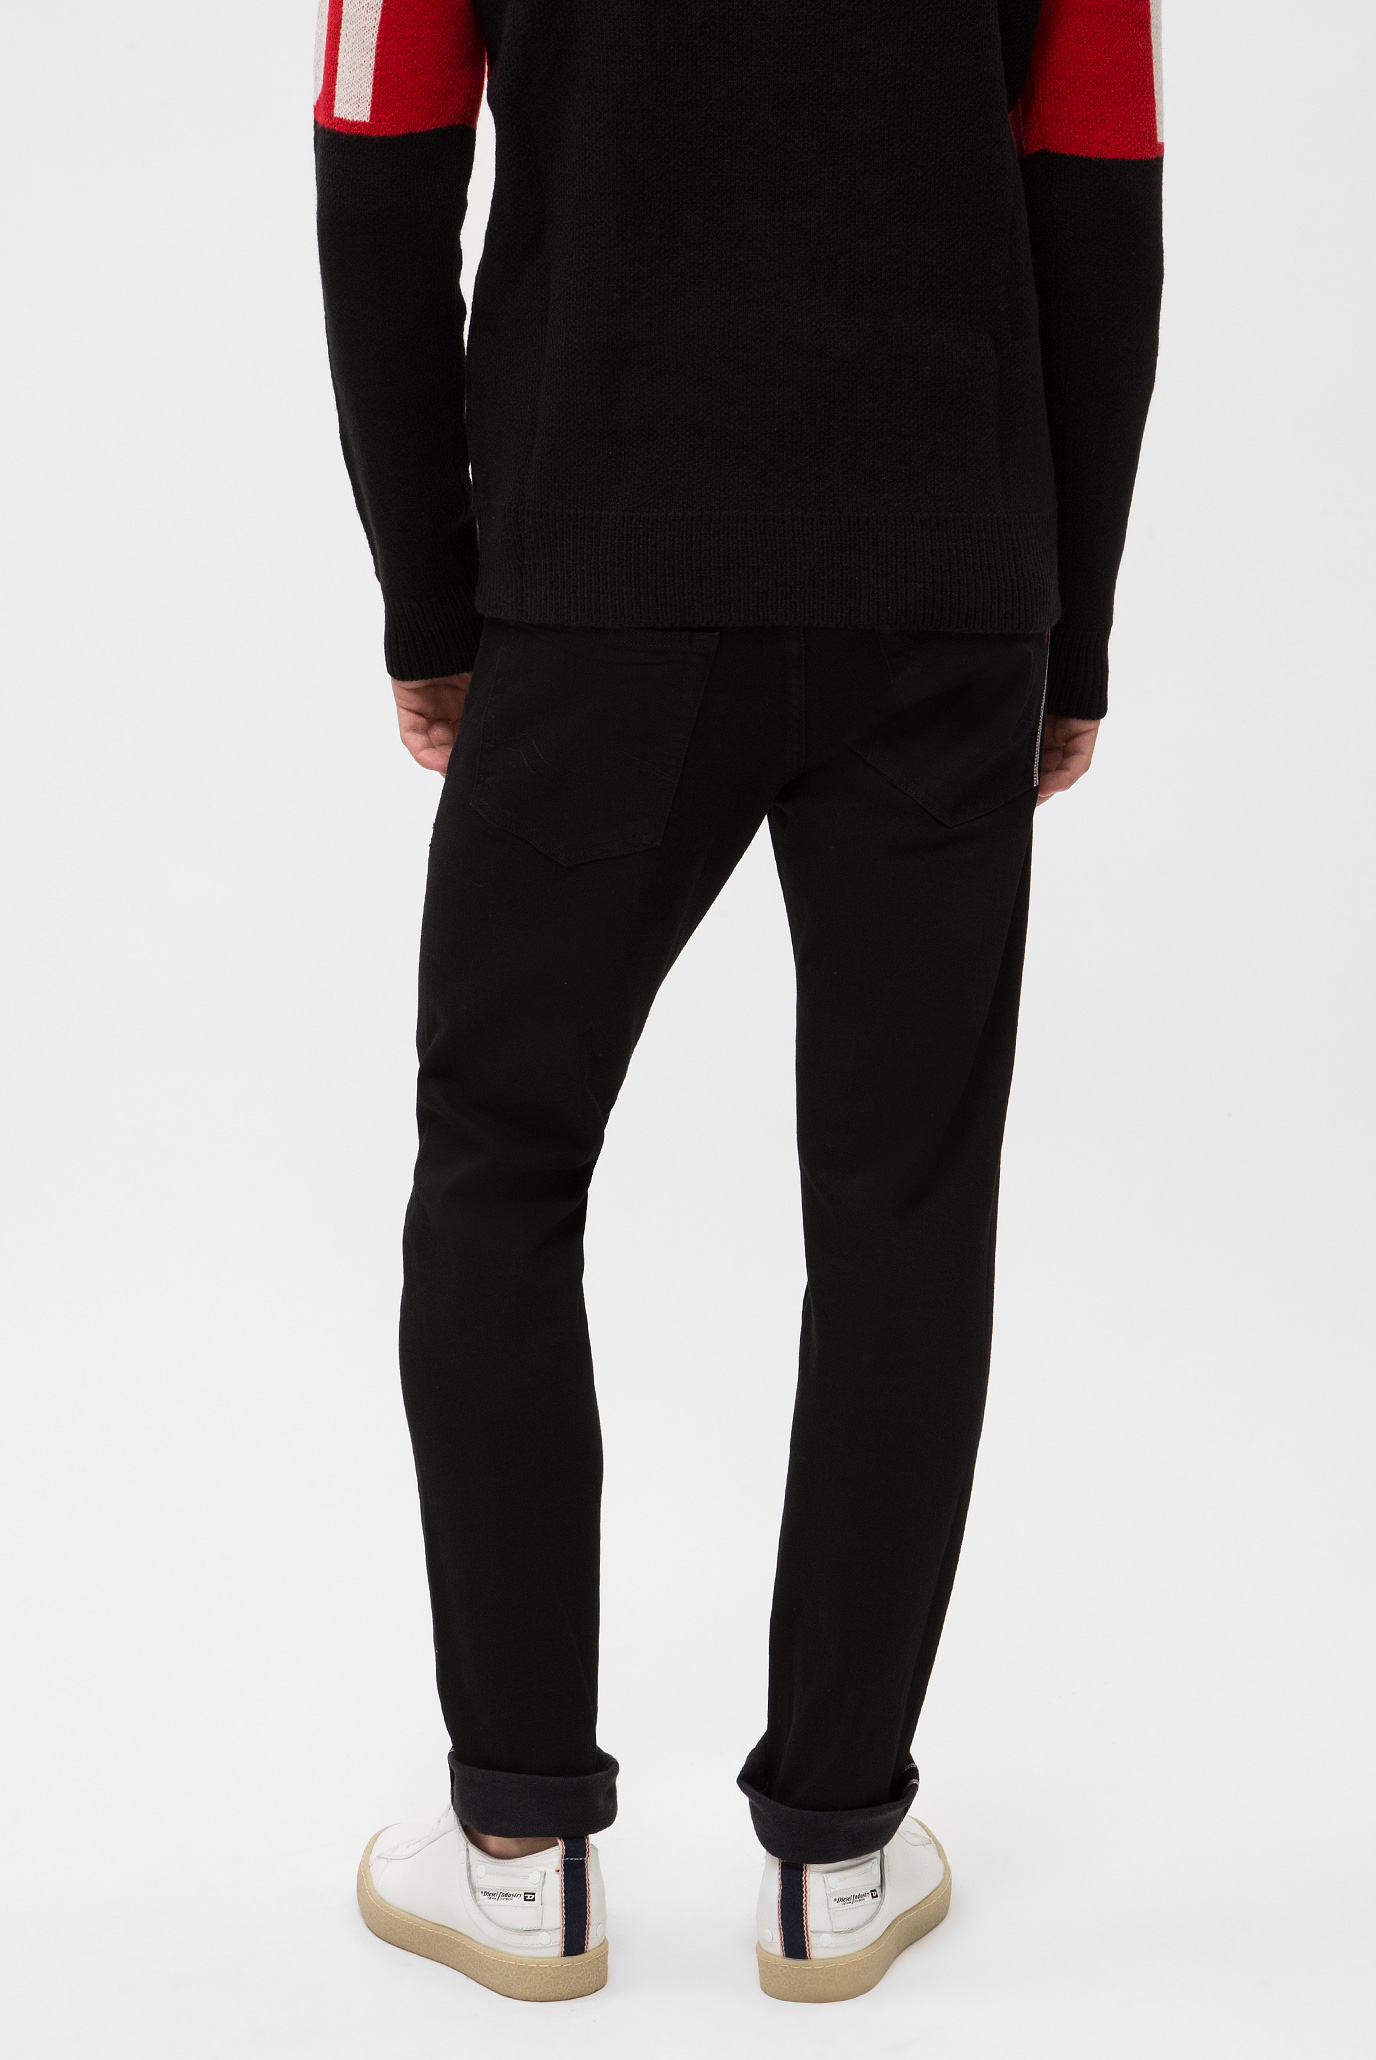 Купить Мужские черные джинсы GROVER Replay Replay MCA972.000.109 303 – Киев, Украина. Цены в интернет магазине MD Fashion